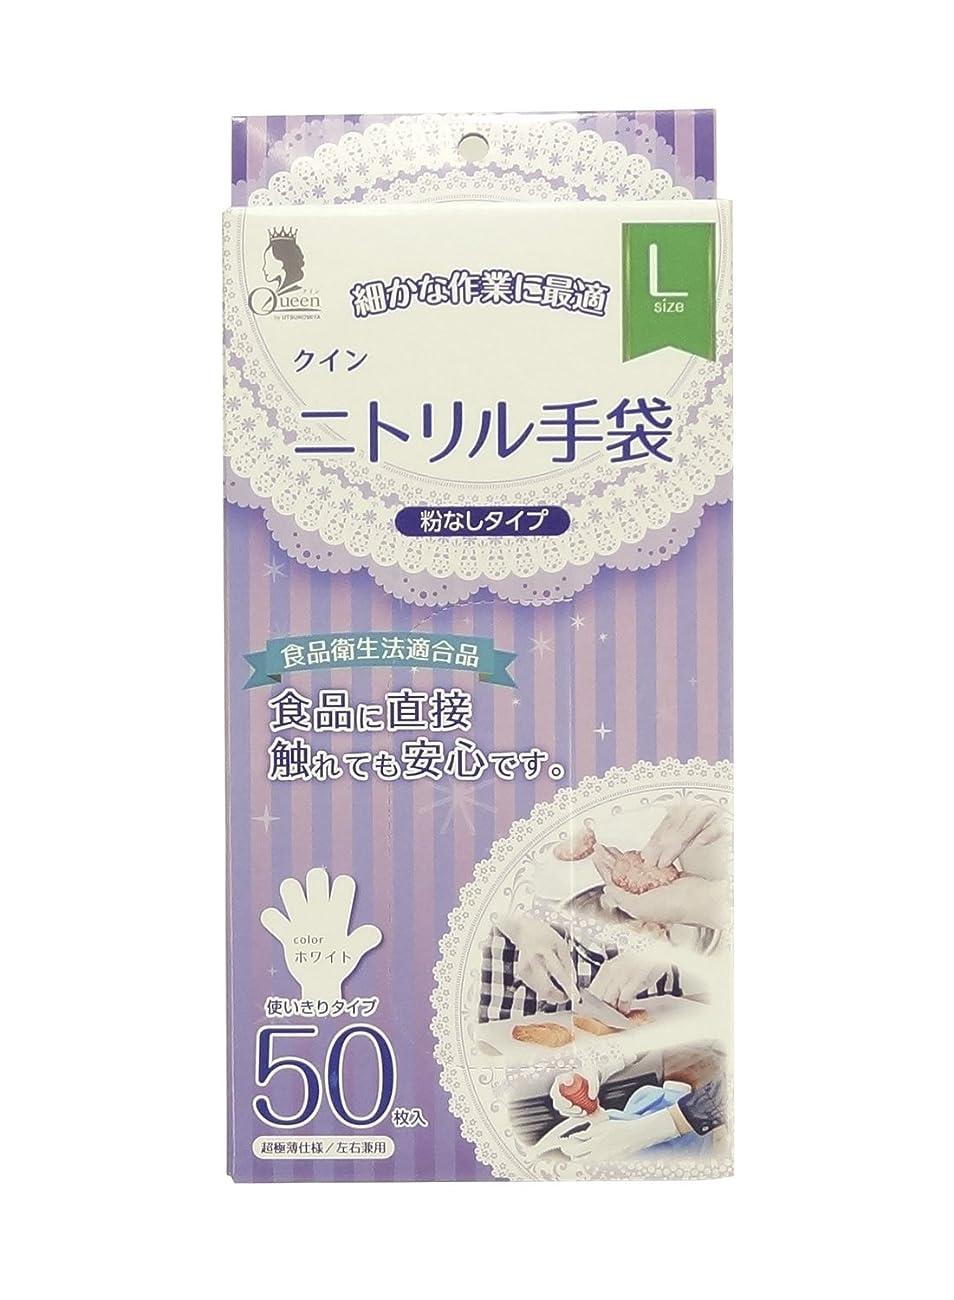 官僚本質的に潜在的な宇都宮製作 クイン ニトリル手袋(パウダーフリー) L 50枚